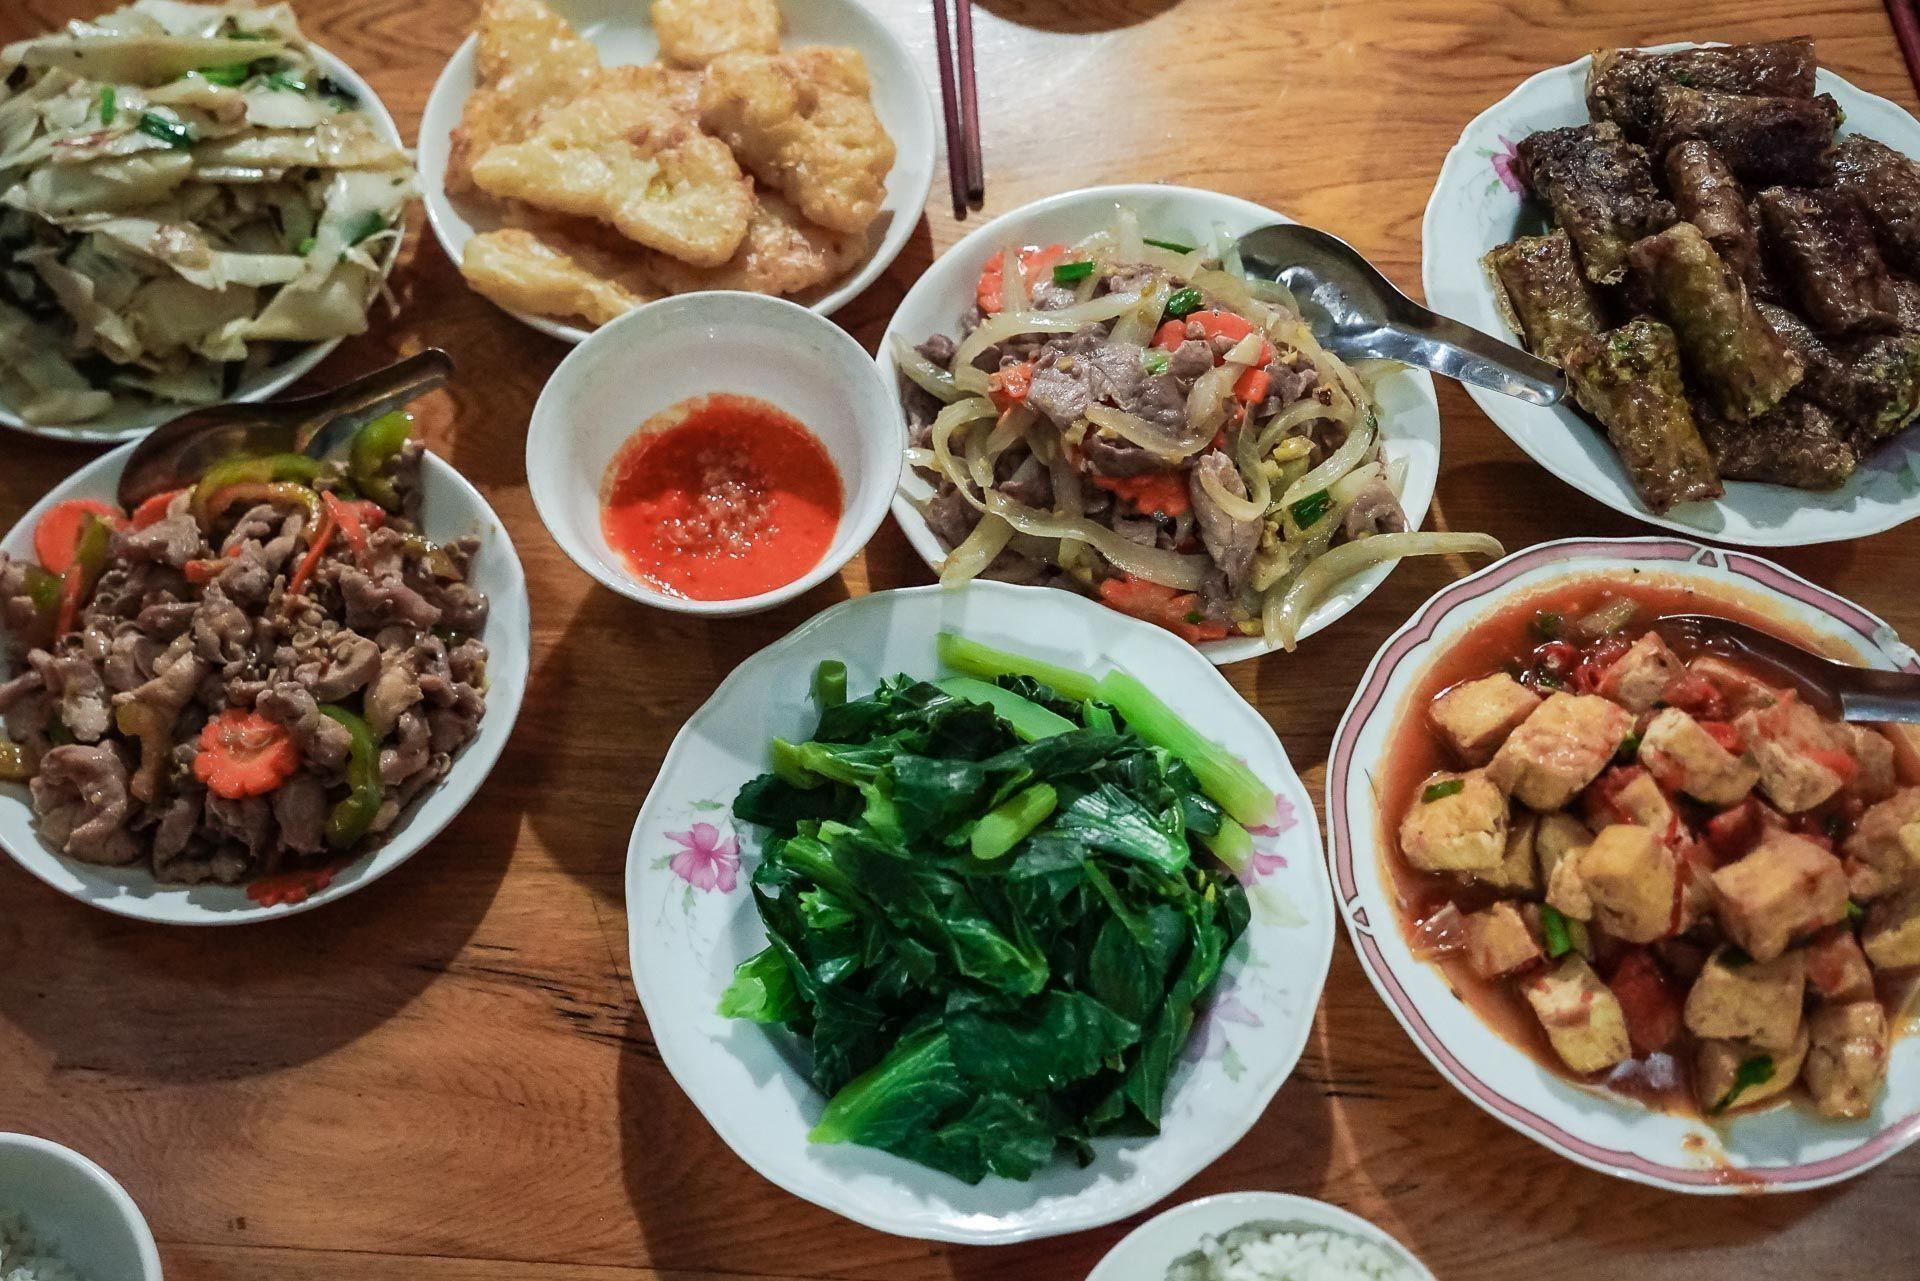 lesvoyageuses-trek-sapa-minorites-ethniques-itineraire-vietnam-17